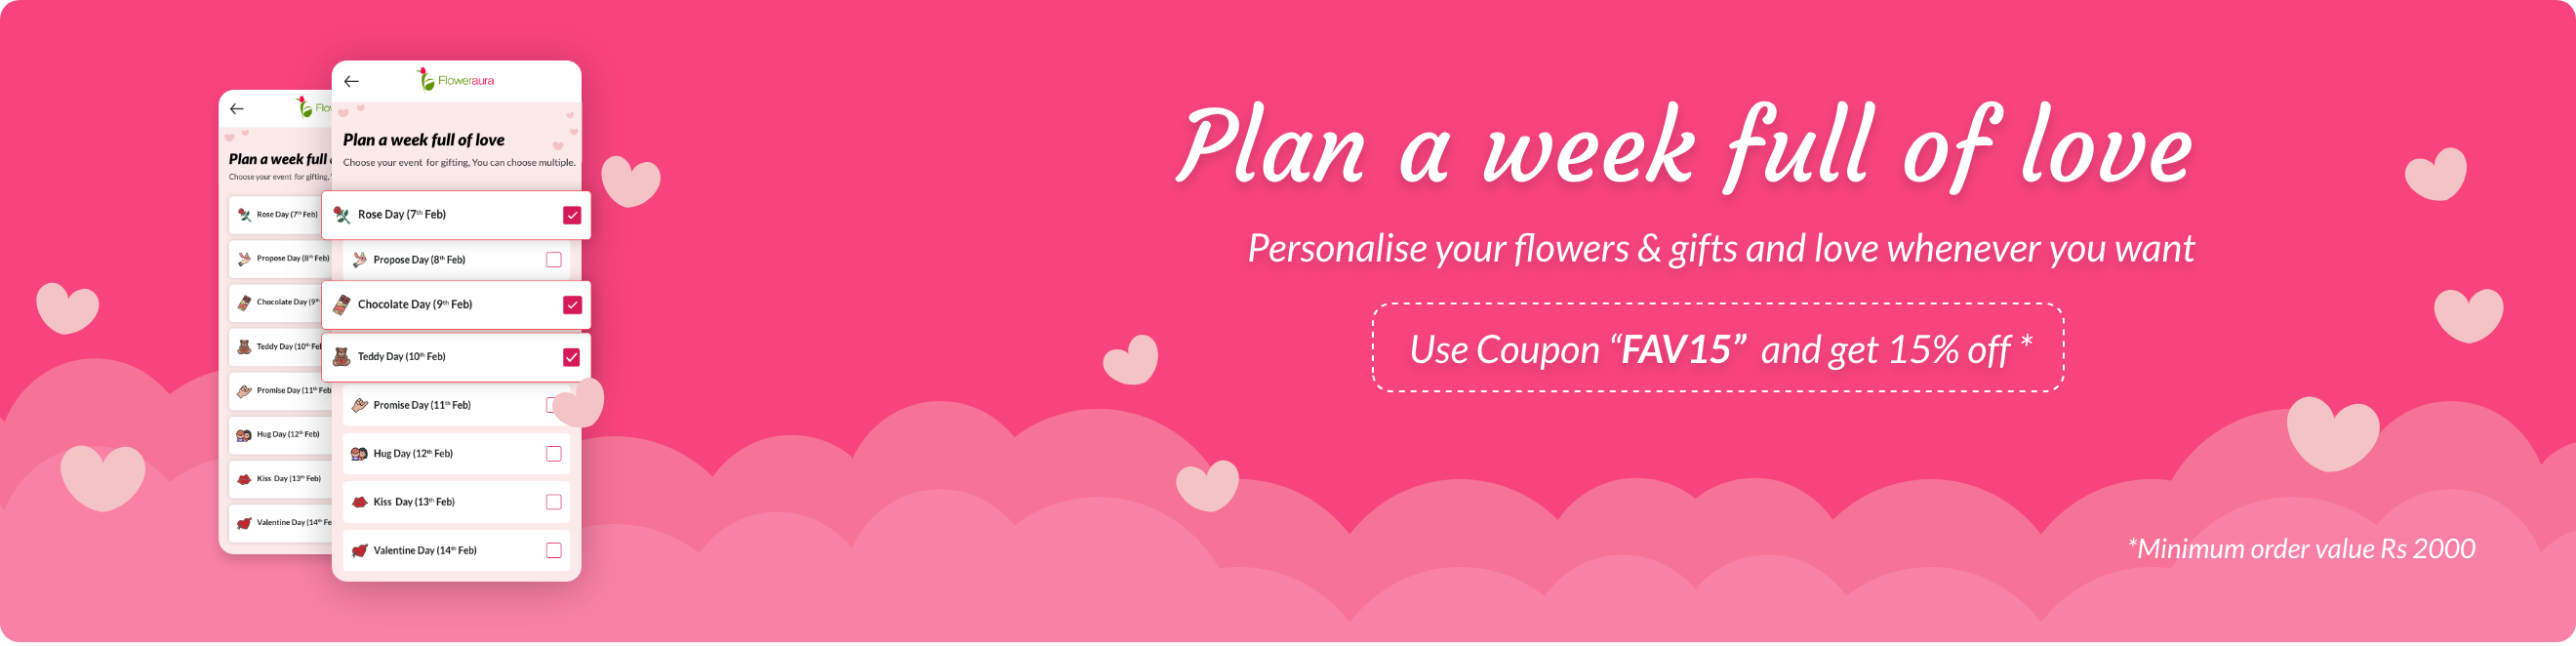 Valentine Day Serenade Gift